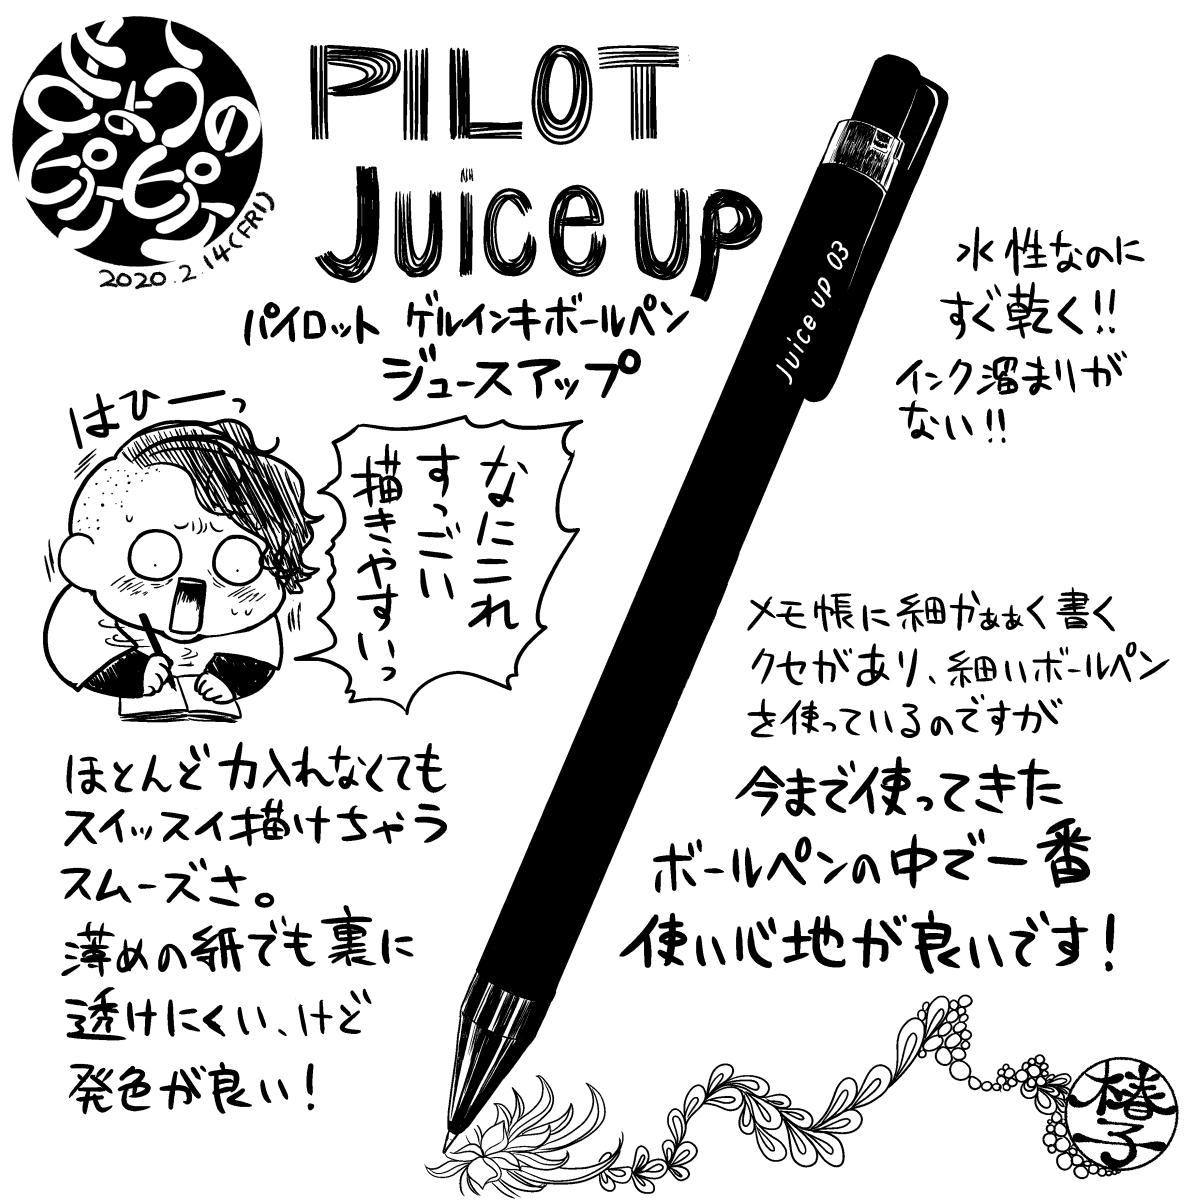 PILOT ジュースアップ